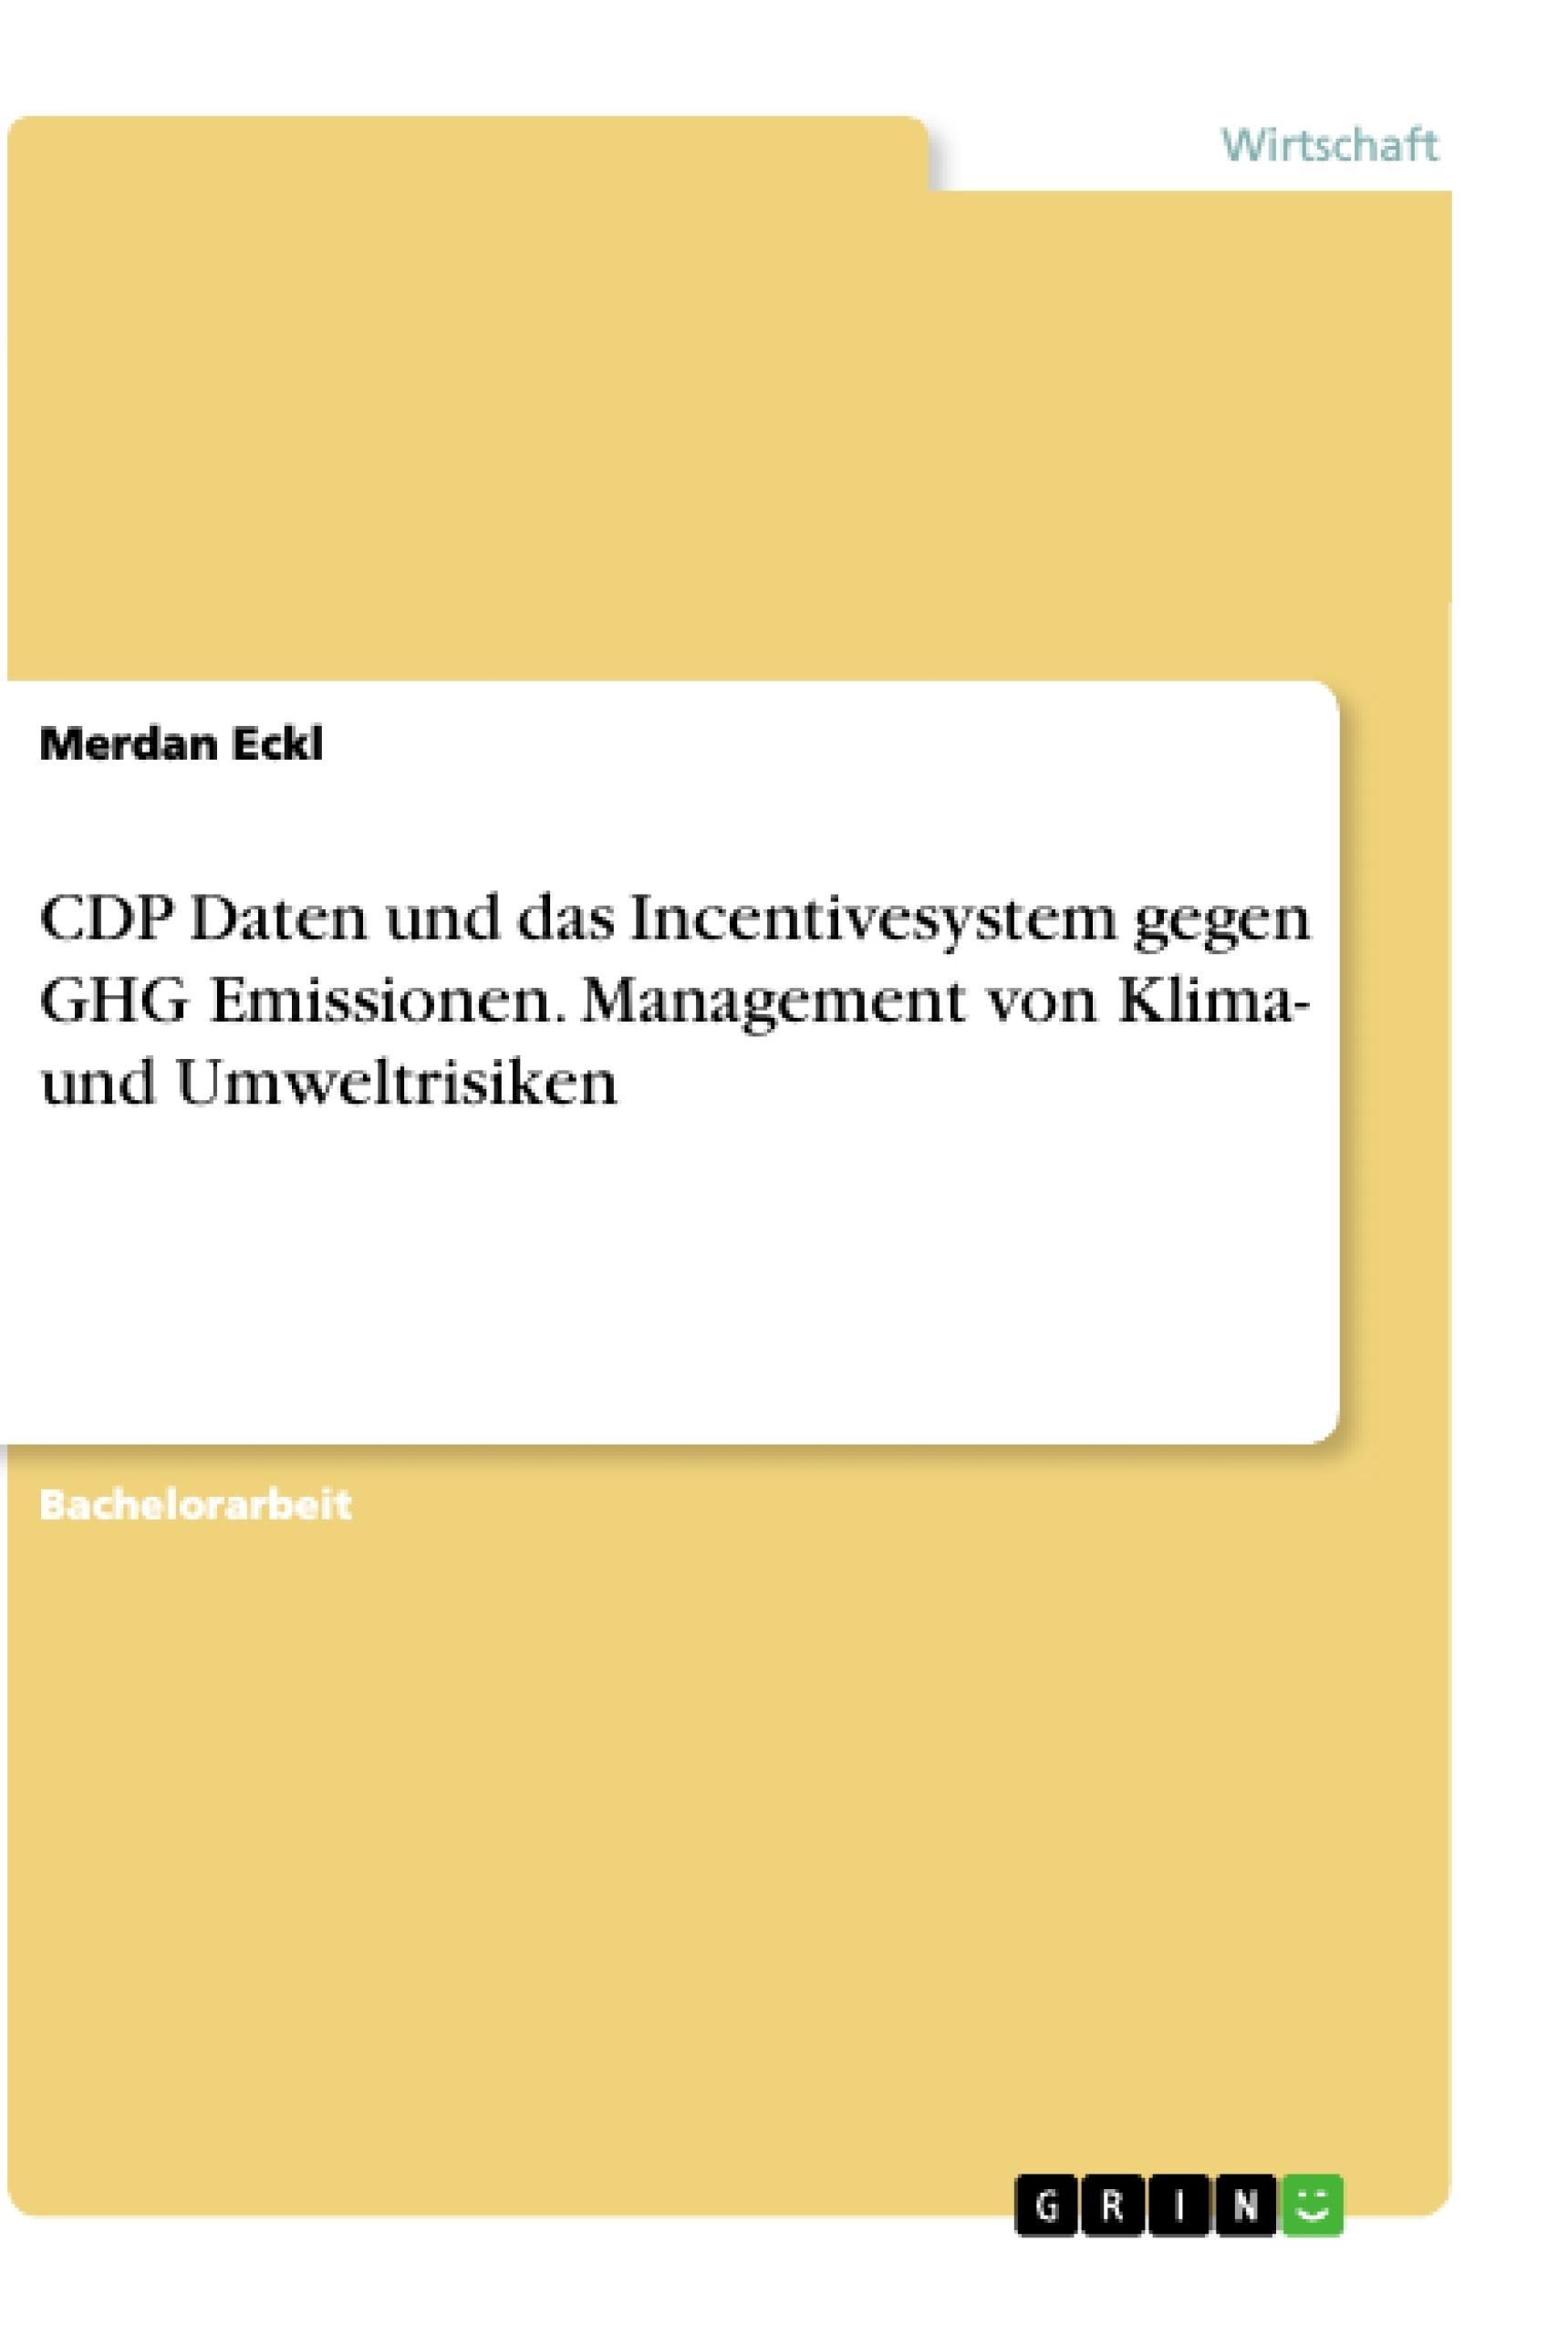 Titel: CDP Daten und das Incentivesystem gegen GHG Emissionen. Management von Klima- und Umweltrisiken